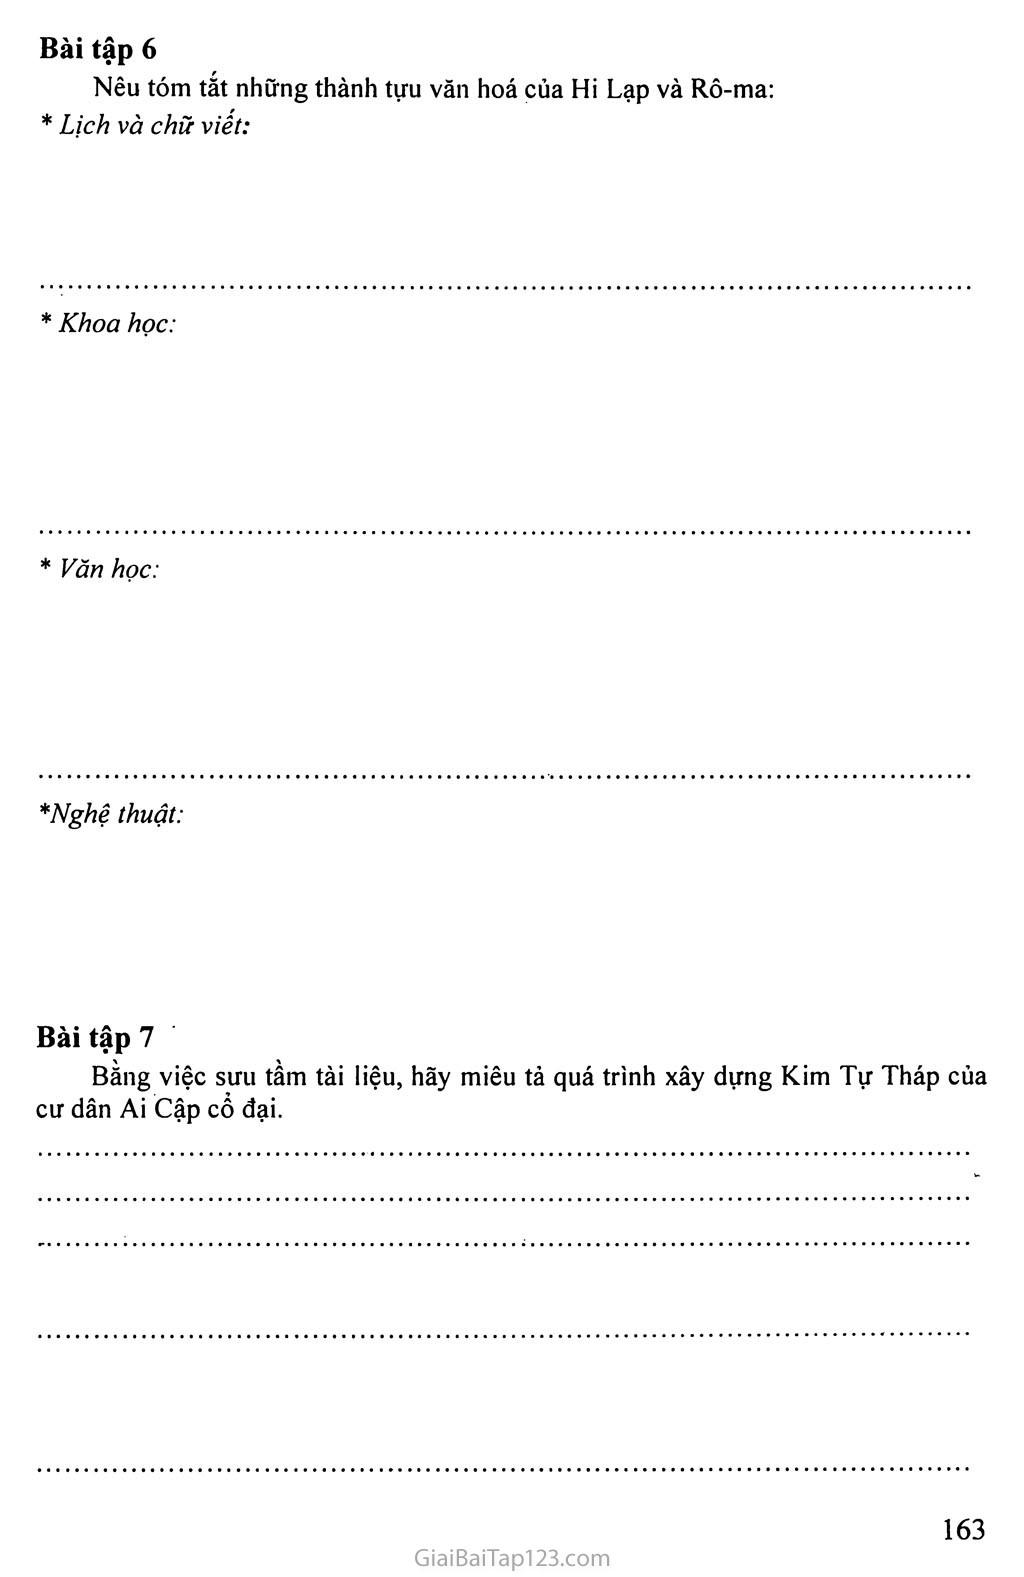 MỘT SỐ BÀI TẬP LỊCH SỬ HỌC SINH TỰ LÀM Ở NHÀ trang 5